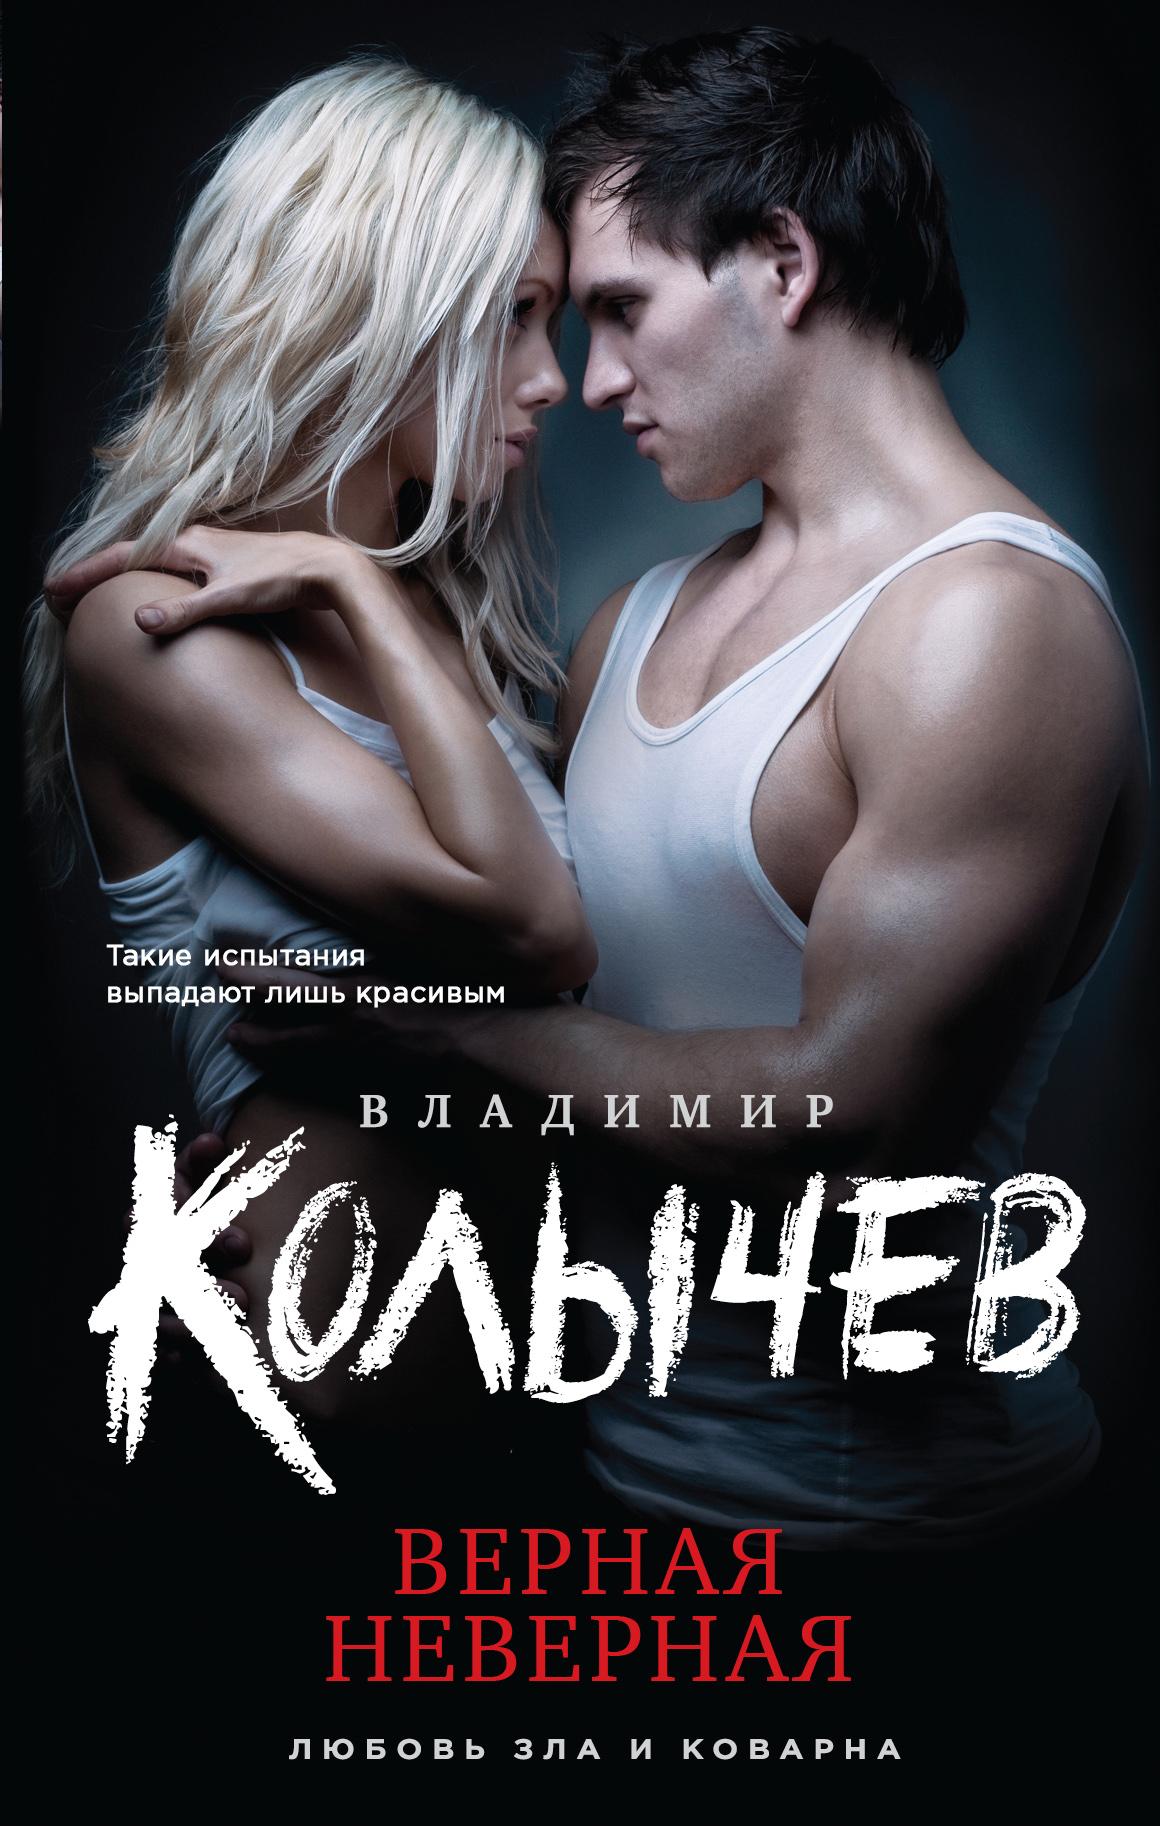 Колычев Владимир Григорьевич Верная неверная дима дима и дима